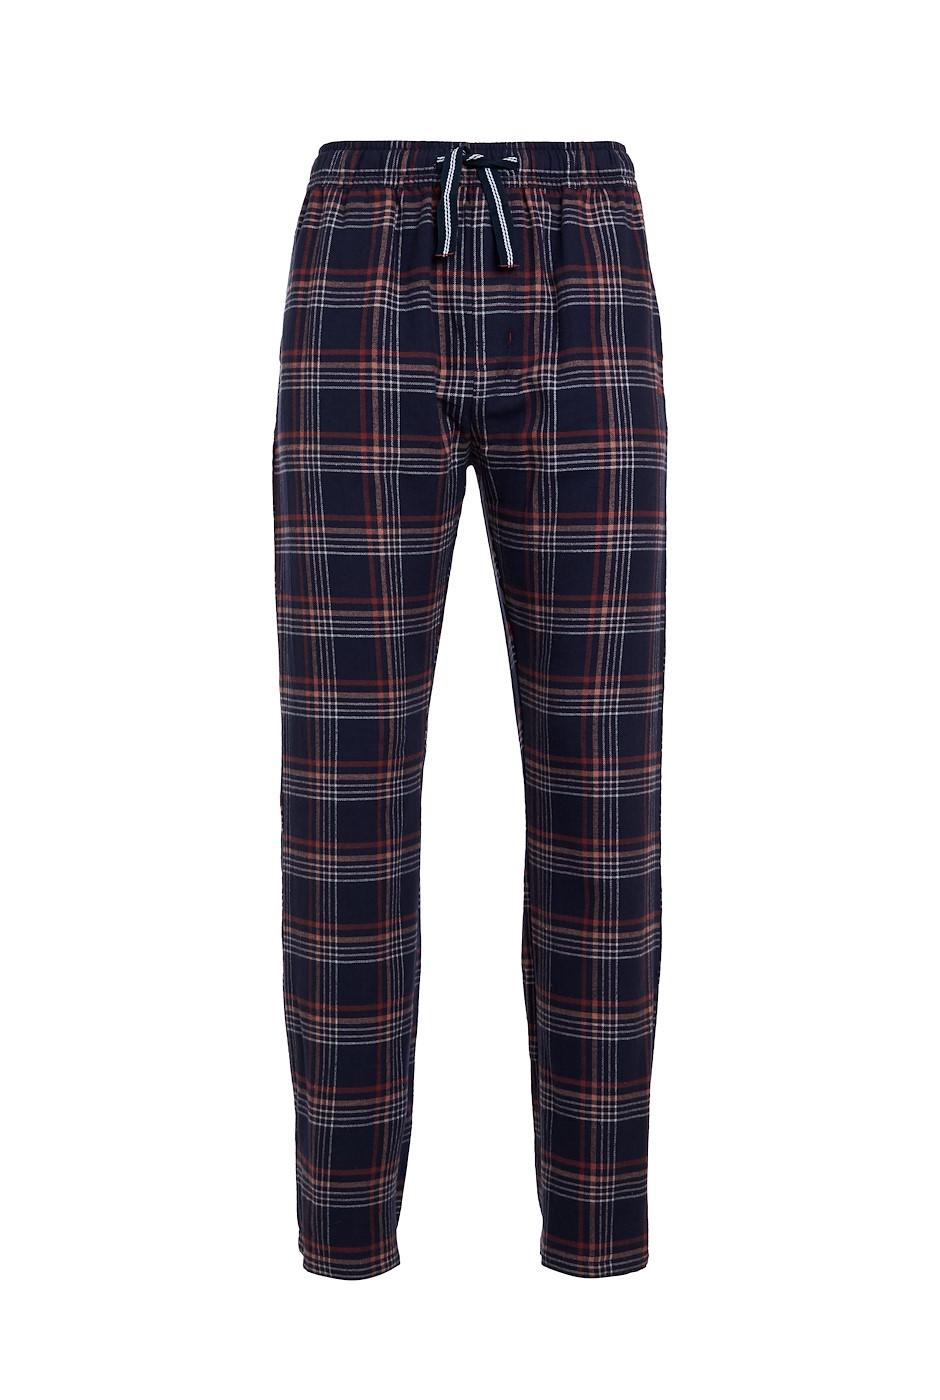 Gilmore Organic Woven Check Trouser Navy